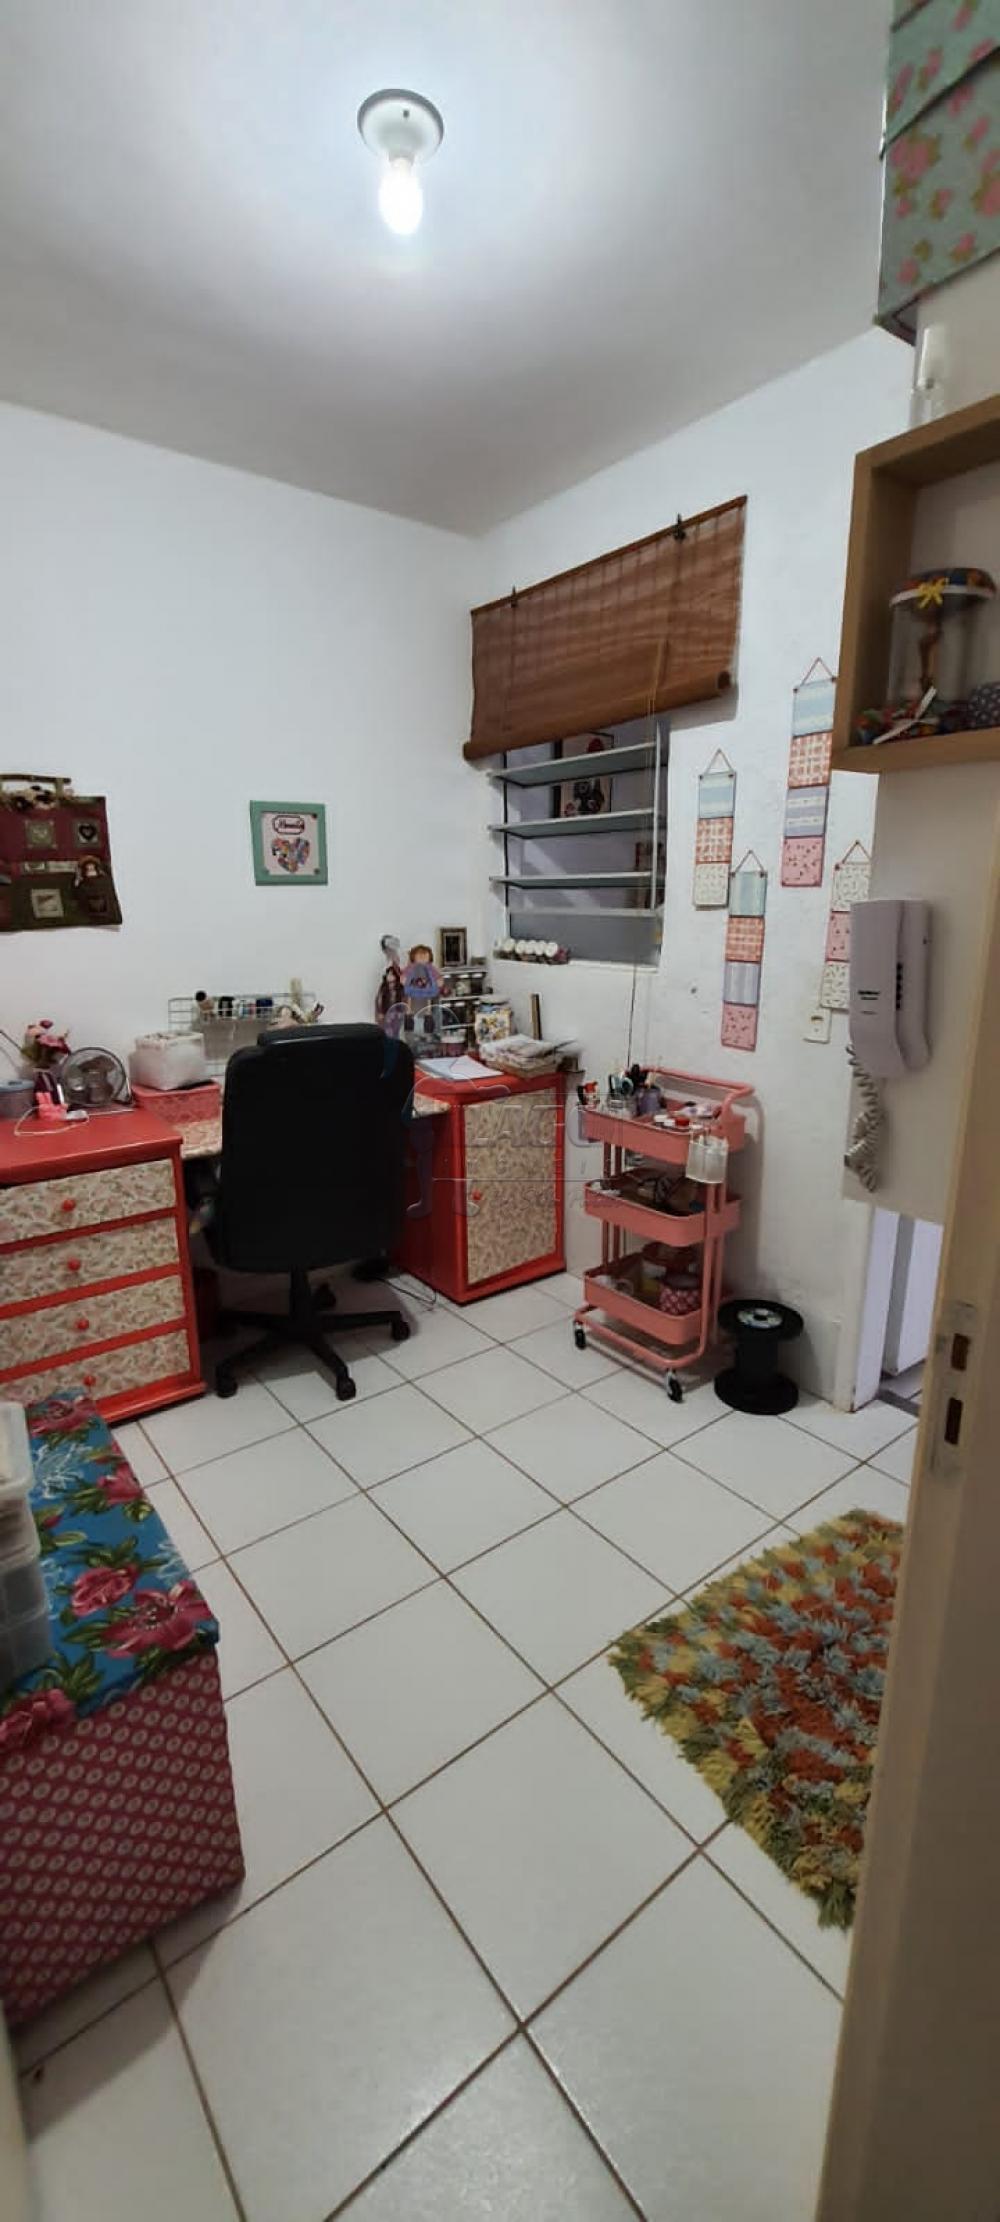 Comprar Casas / Condomínio em Ribeirão Preto R$ 530.000,00 - Foto 10